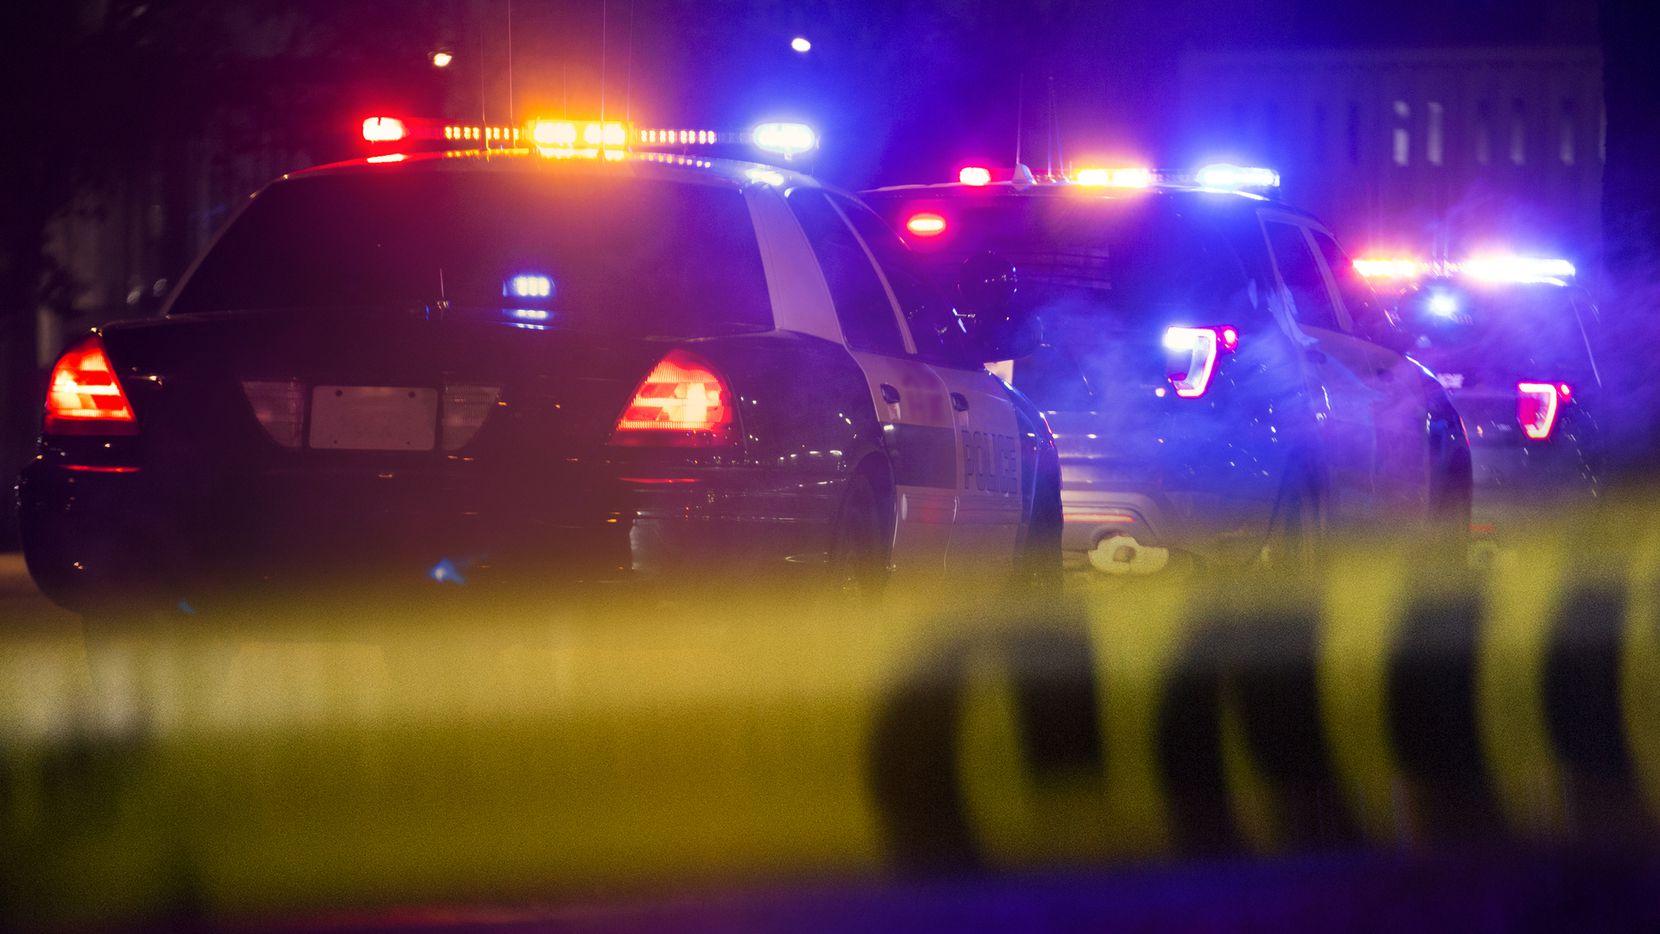 Tres personas perdieron la vida y otras dos resultaron heridas luego de que un hombre comenzó a disparar afuera de un bar de San Antonio el domingo 15 de agosto de 2021, informó la policía.